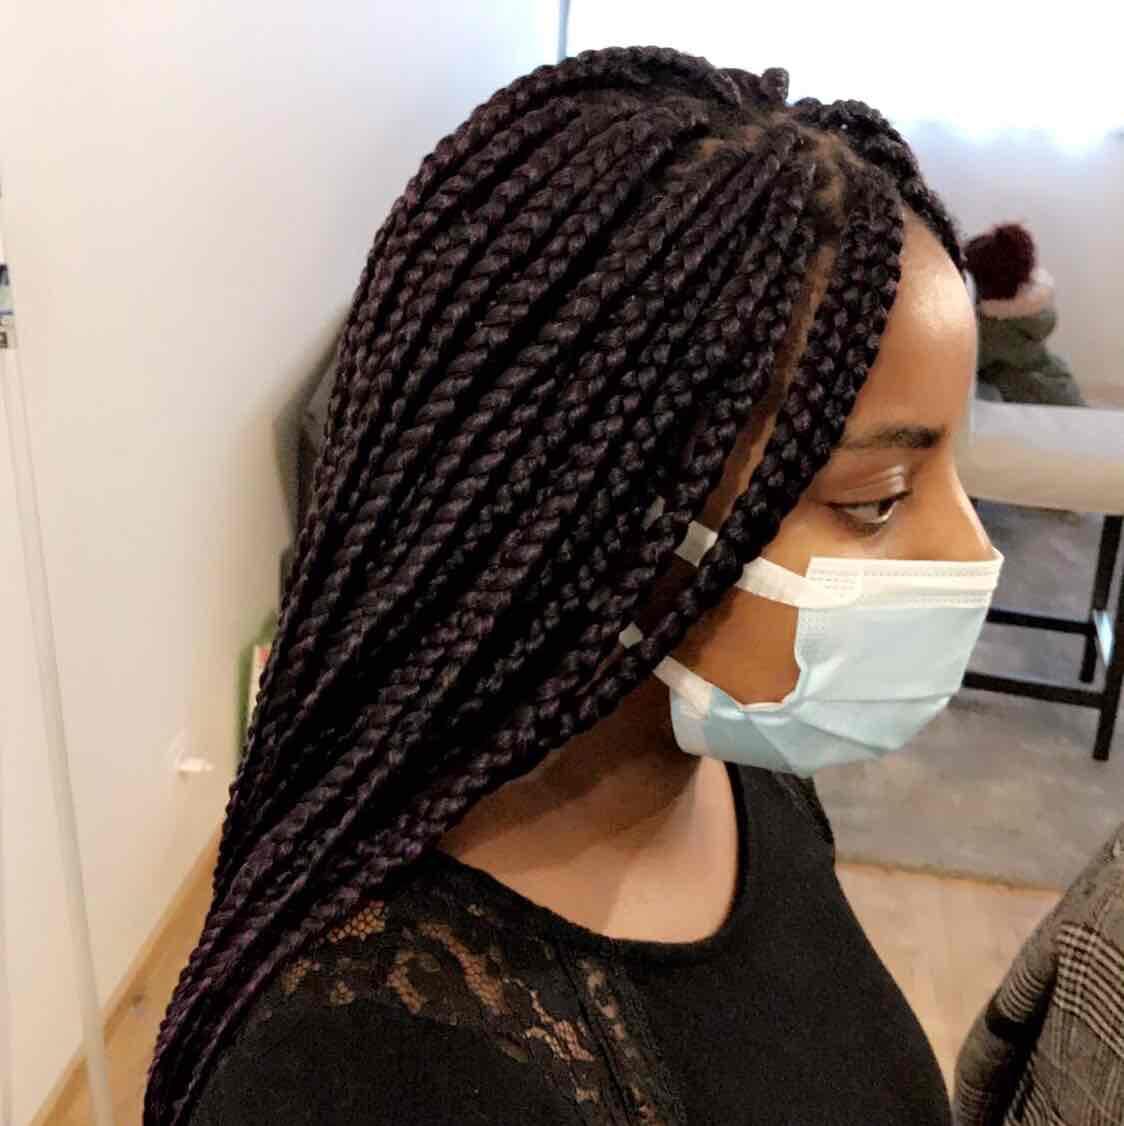 salon de coiffure afro tresse tresses box braids crochet braids vanilles tissages paris 75 77 78 91 92 93 94 95 OGHNXNPK